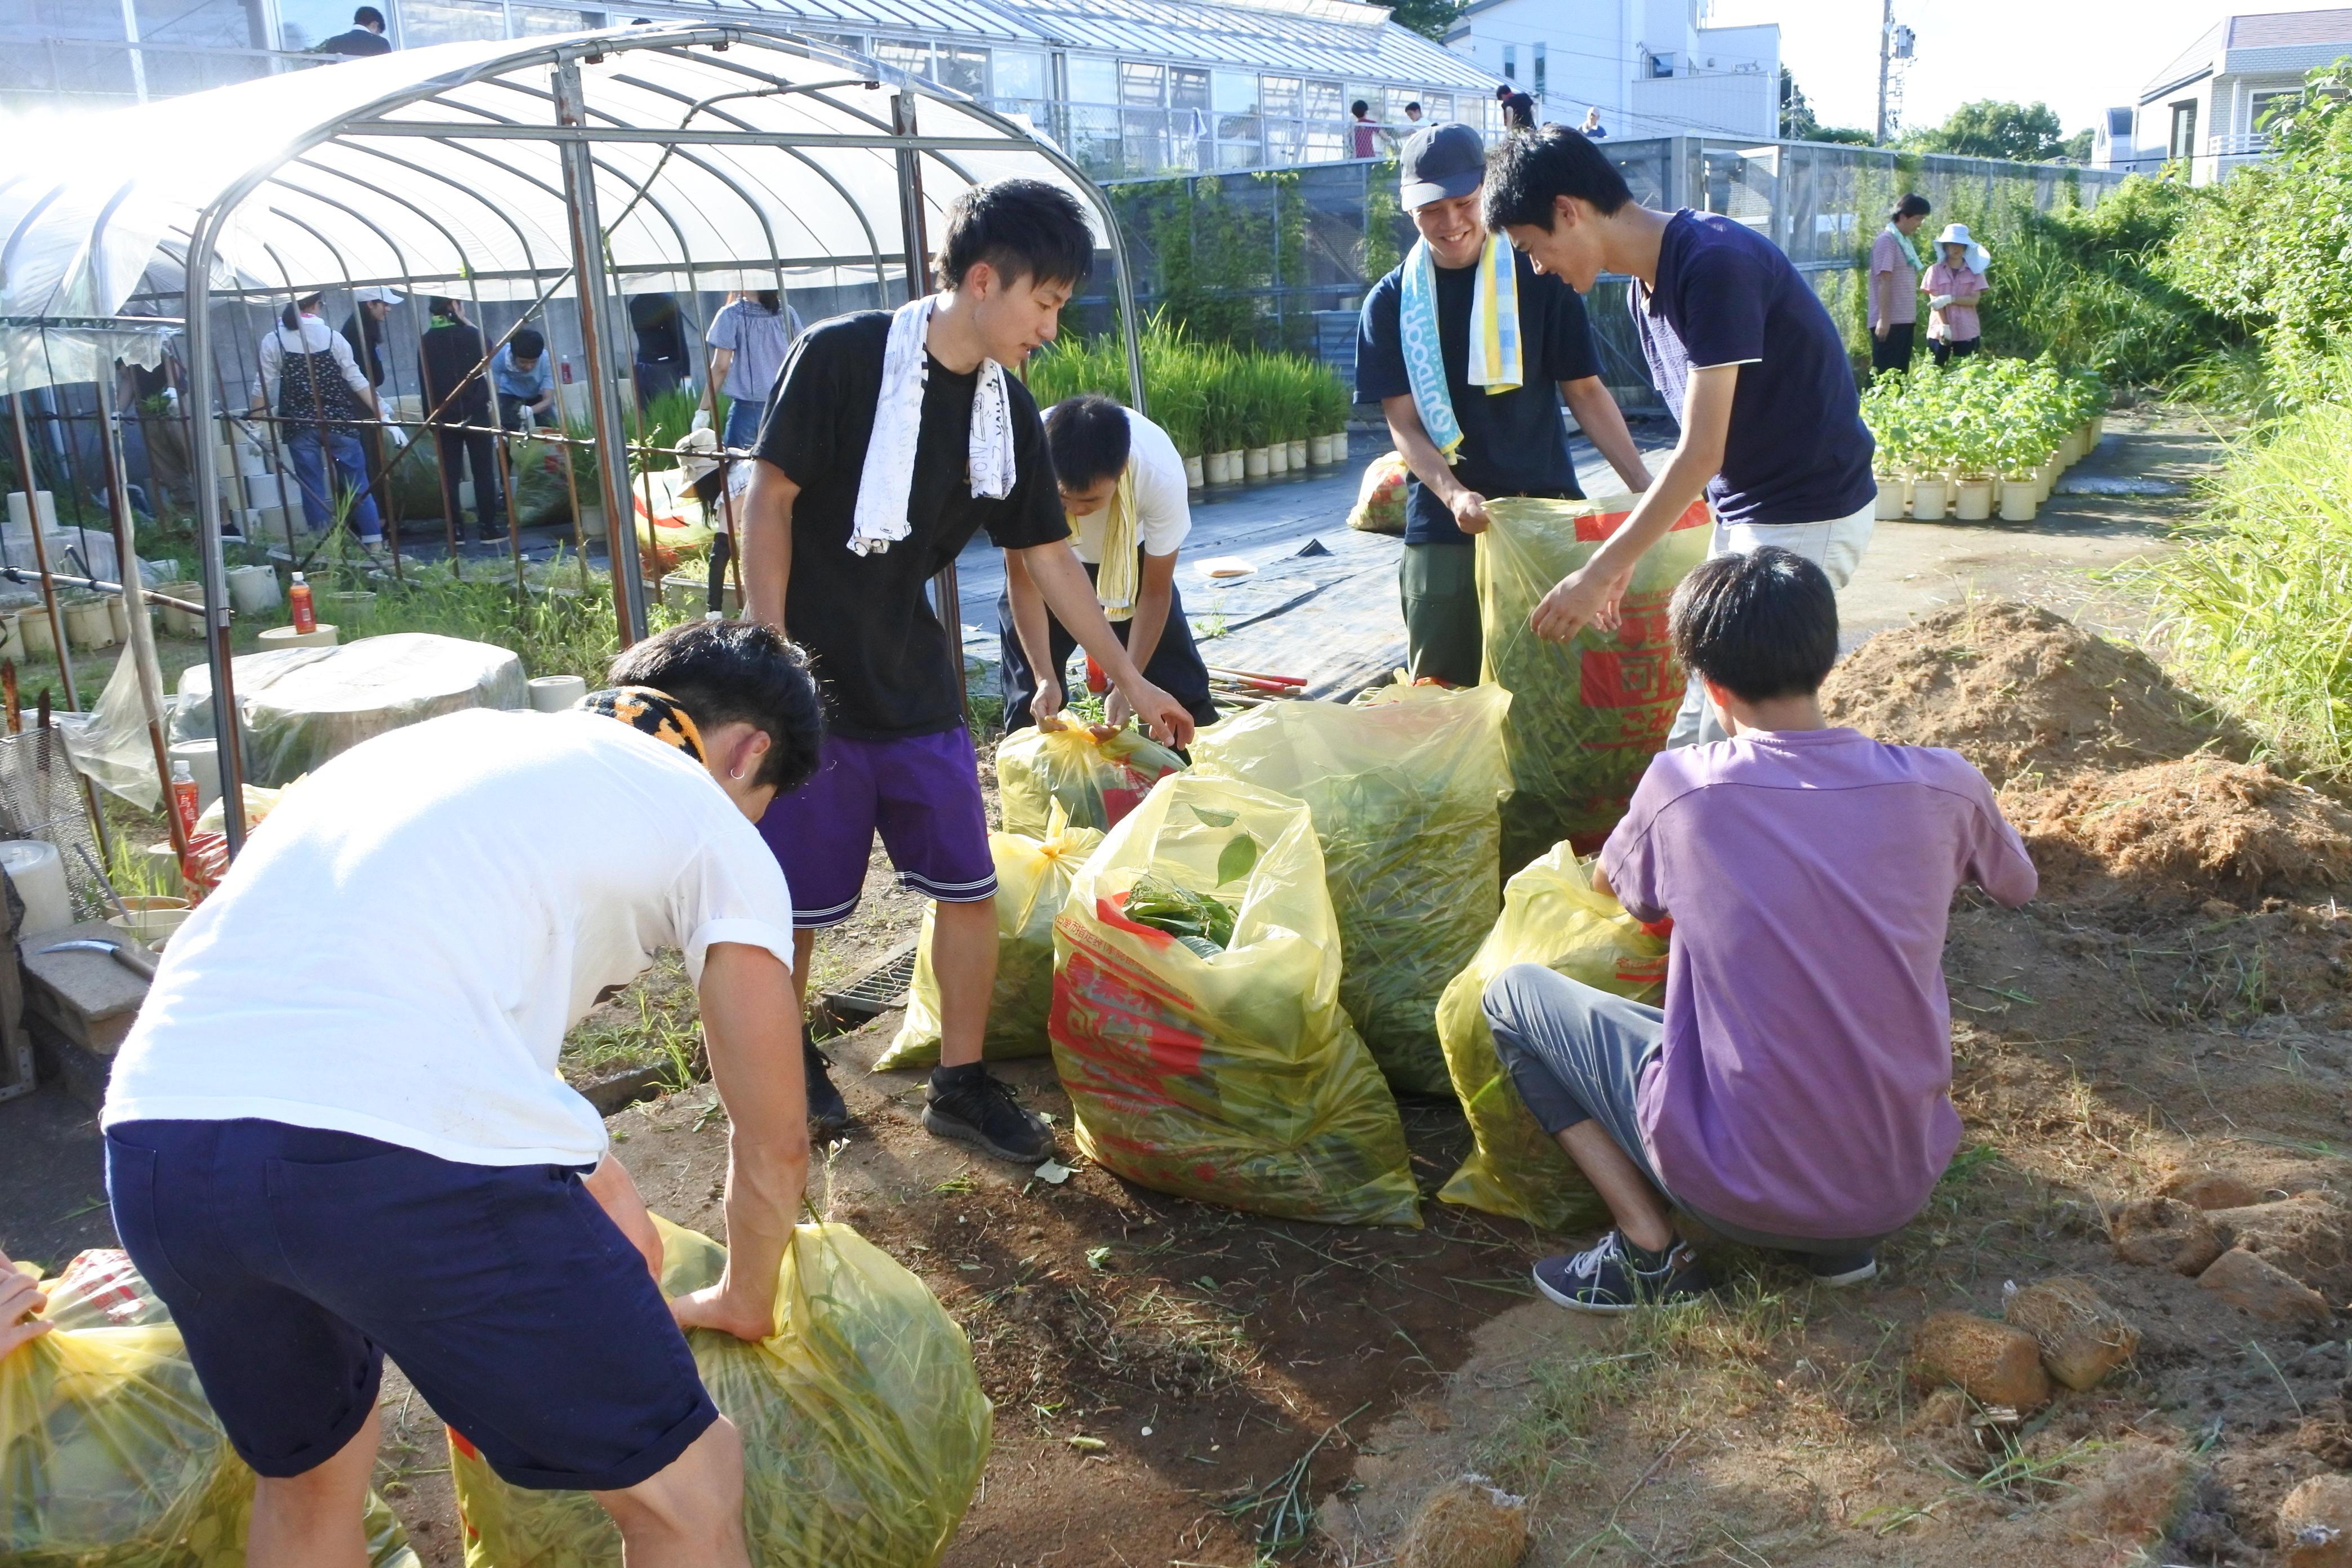 刈った草をごみ袋に詰める学生たち